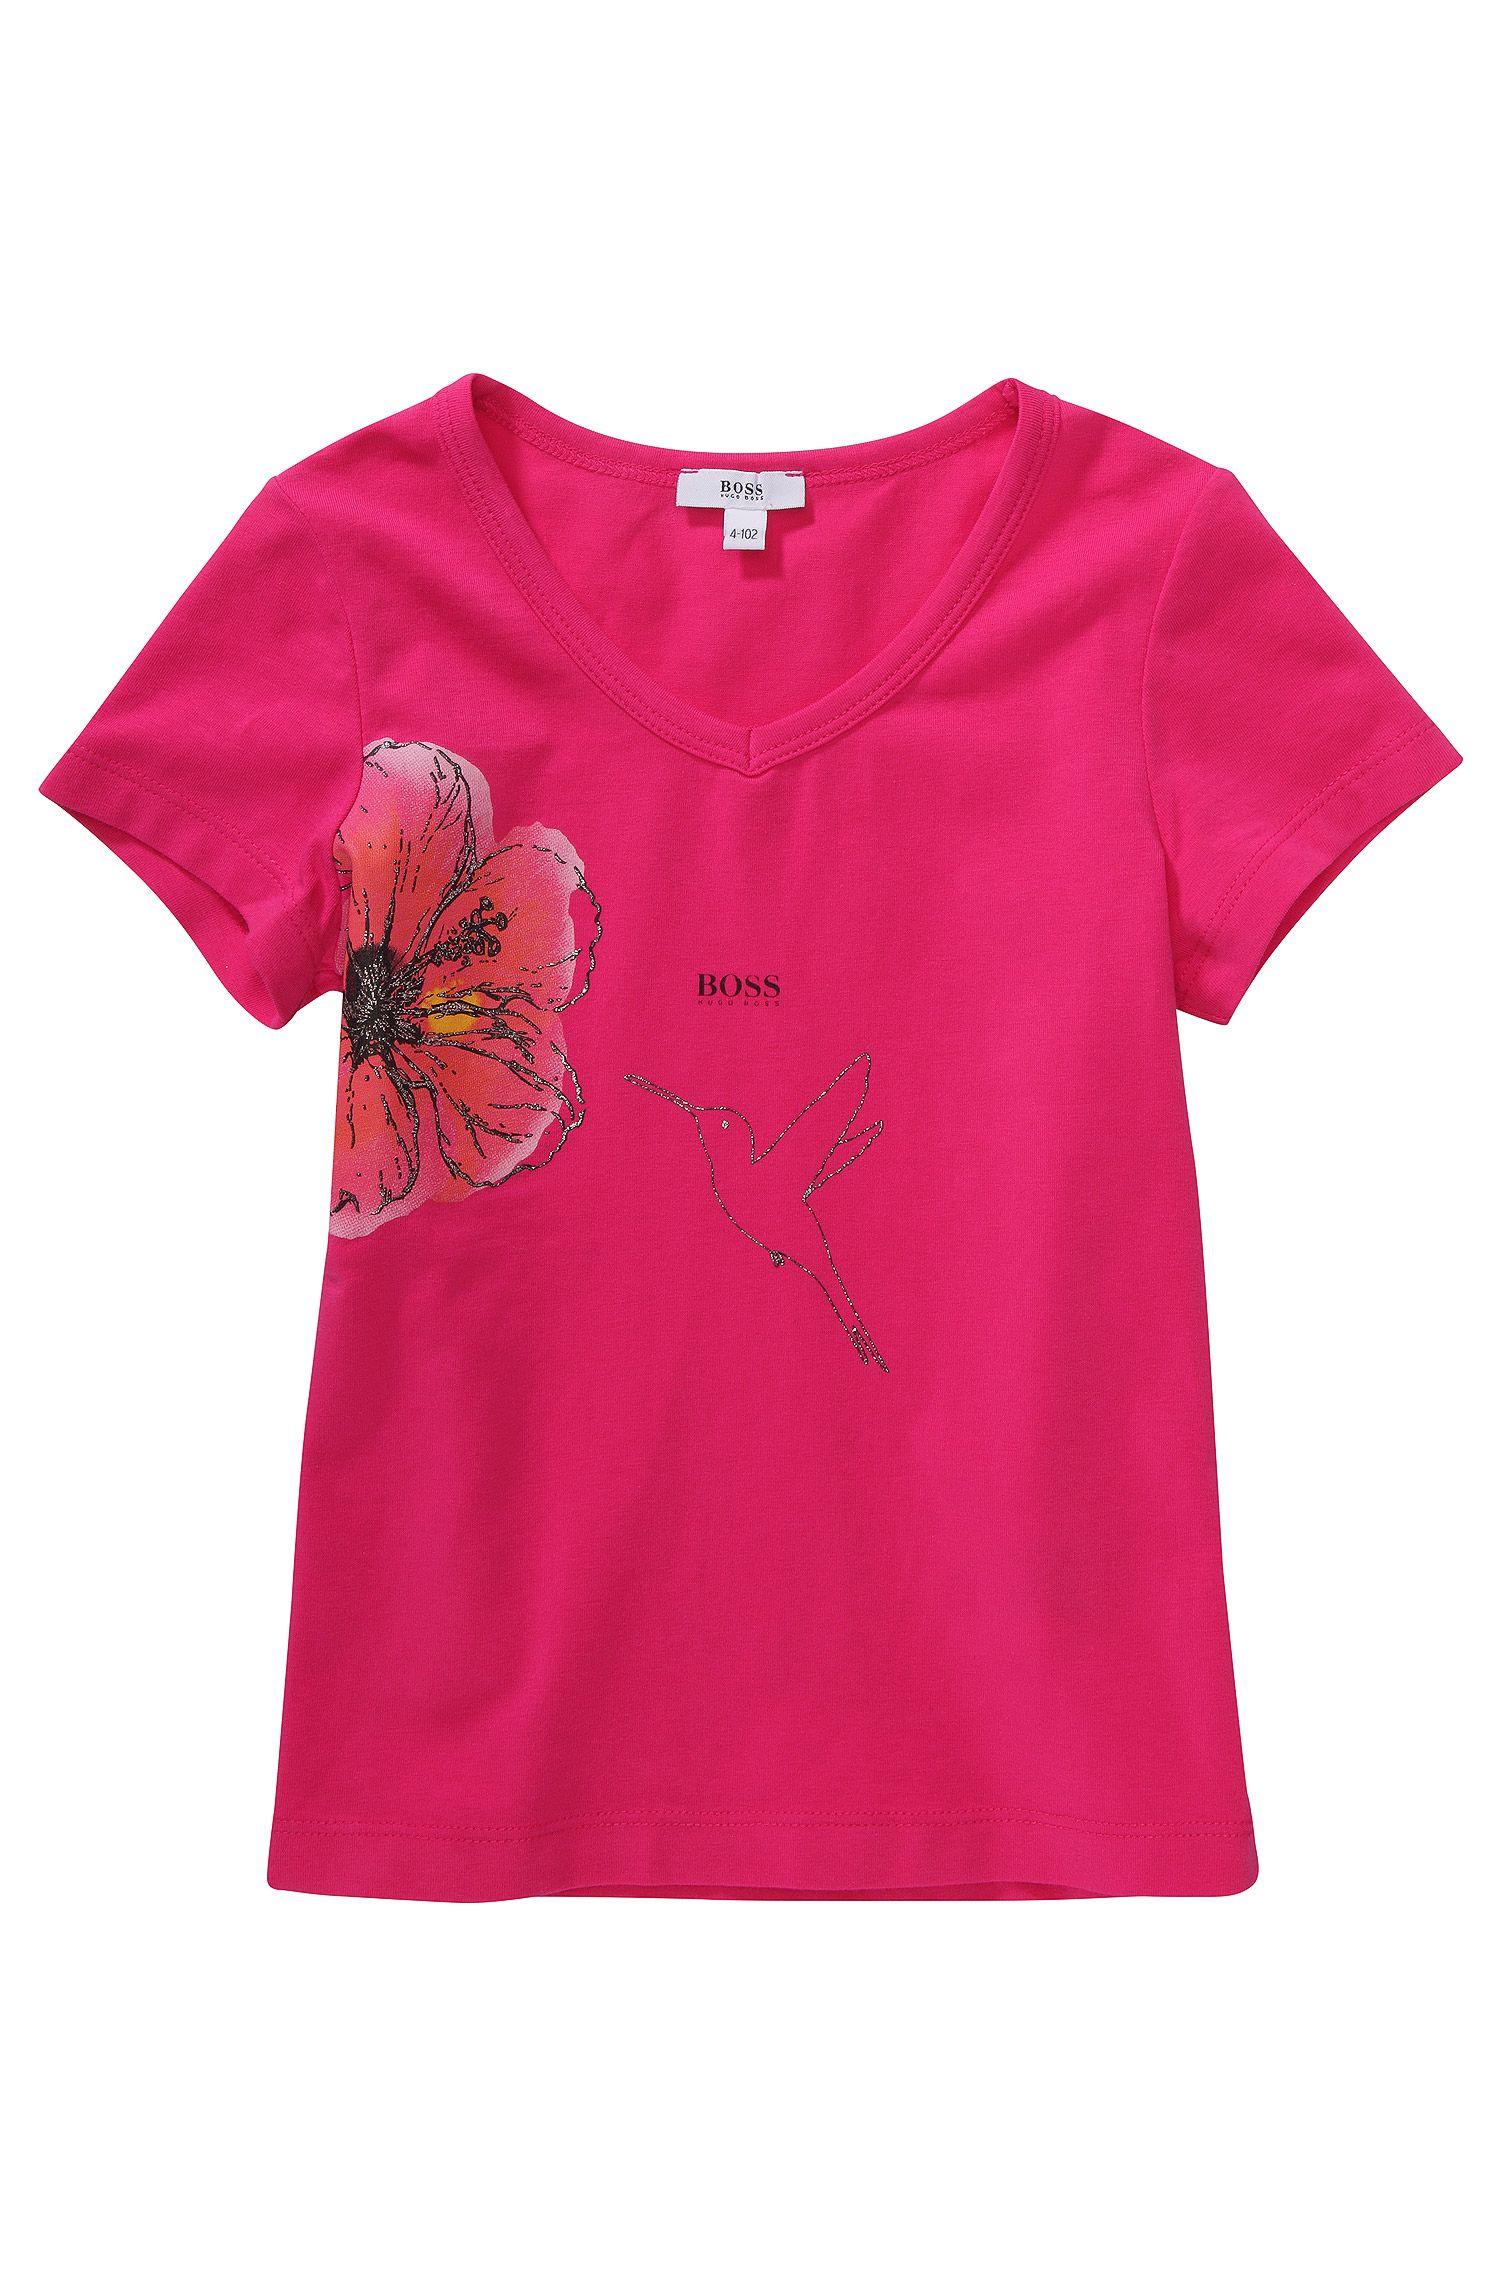 Kinder-T-shirt 'J15292' met bloemen- en kolibrieprint